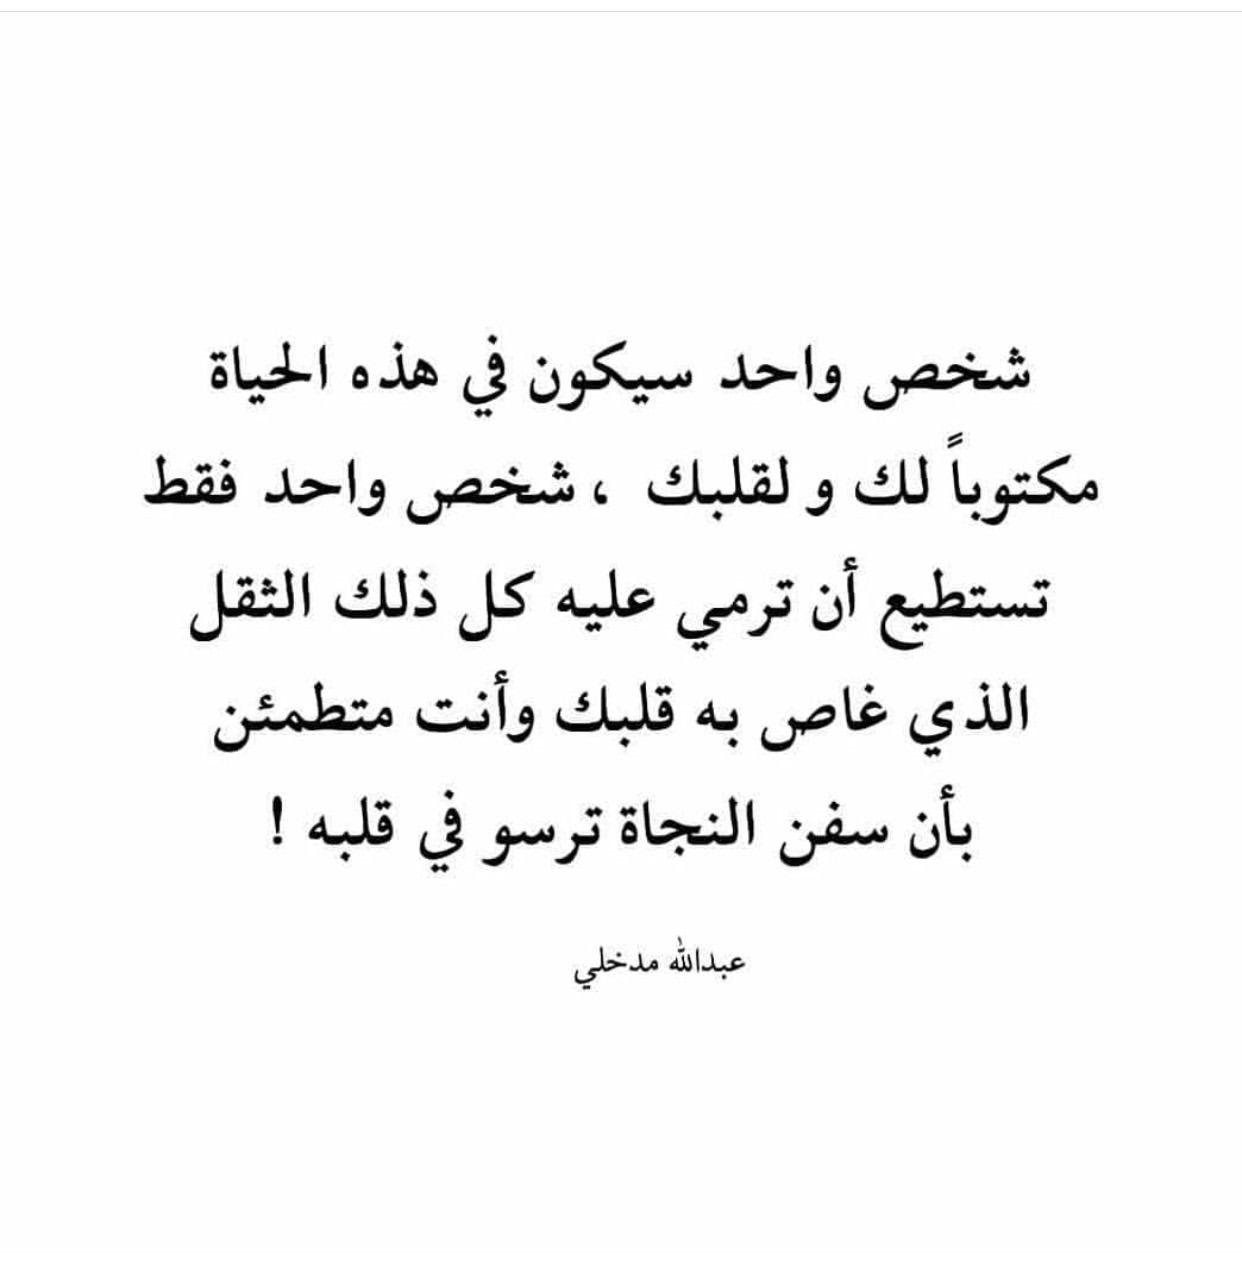 يا رب اجعل الشخص الوحيد الي يكون لي والي يكون معي بحلالك من هو في قلبي يا رب Islamic Quotes Lovely Quote Amazing Quotes